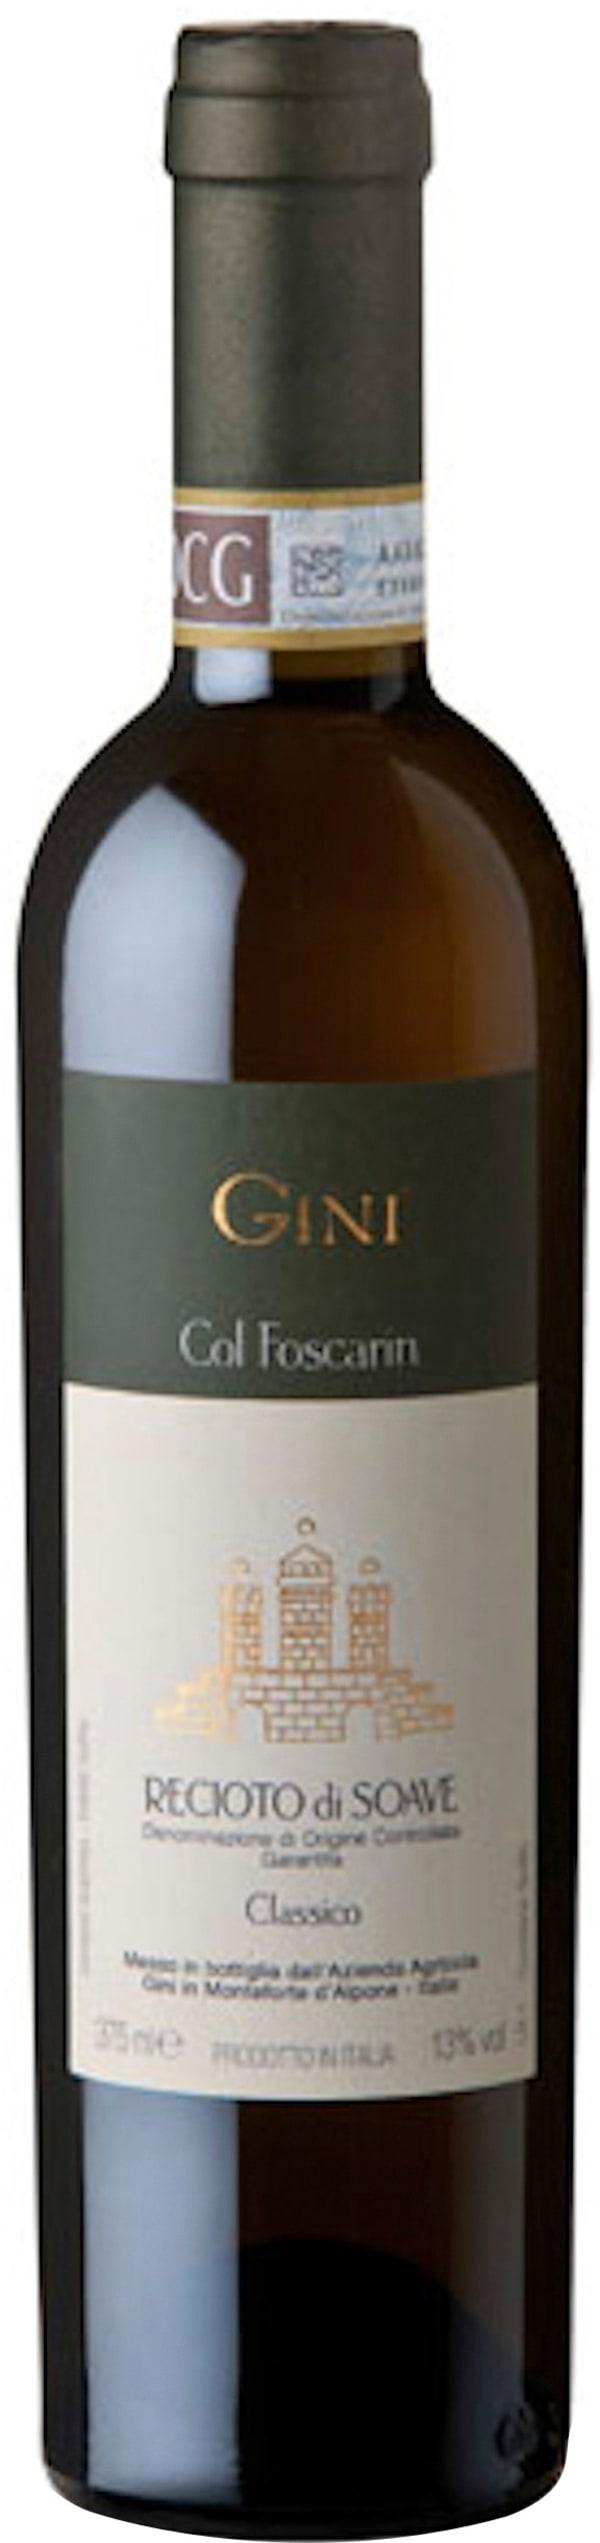 Col Foscarin Recioto di Soave 2011